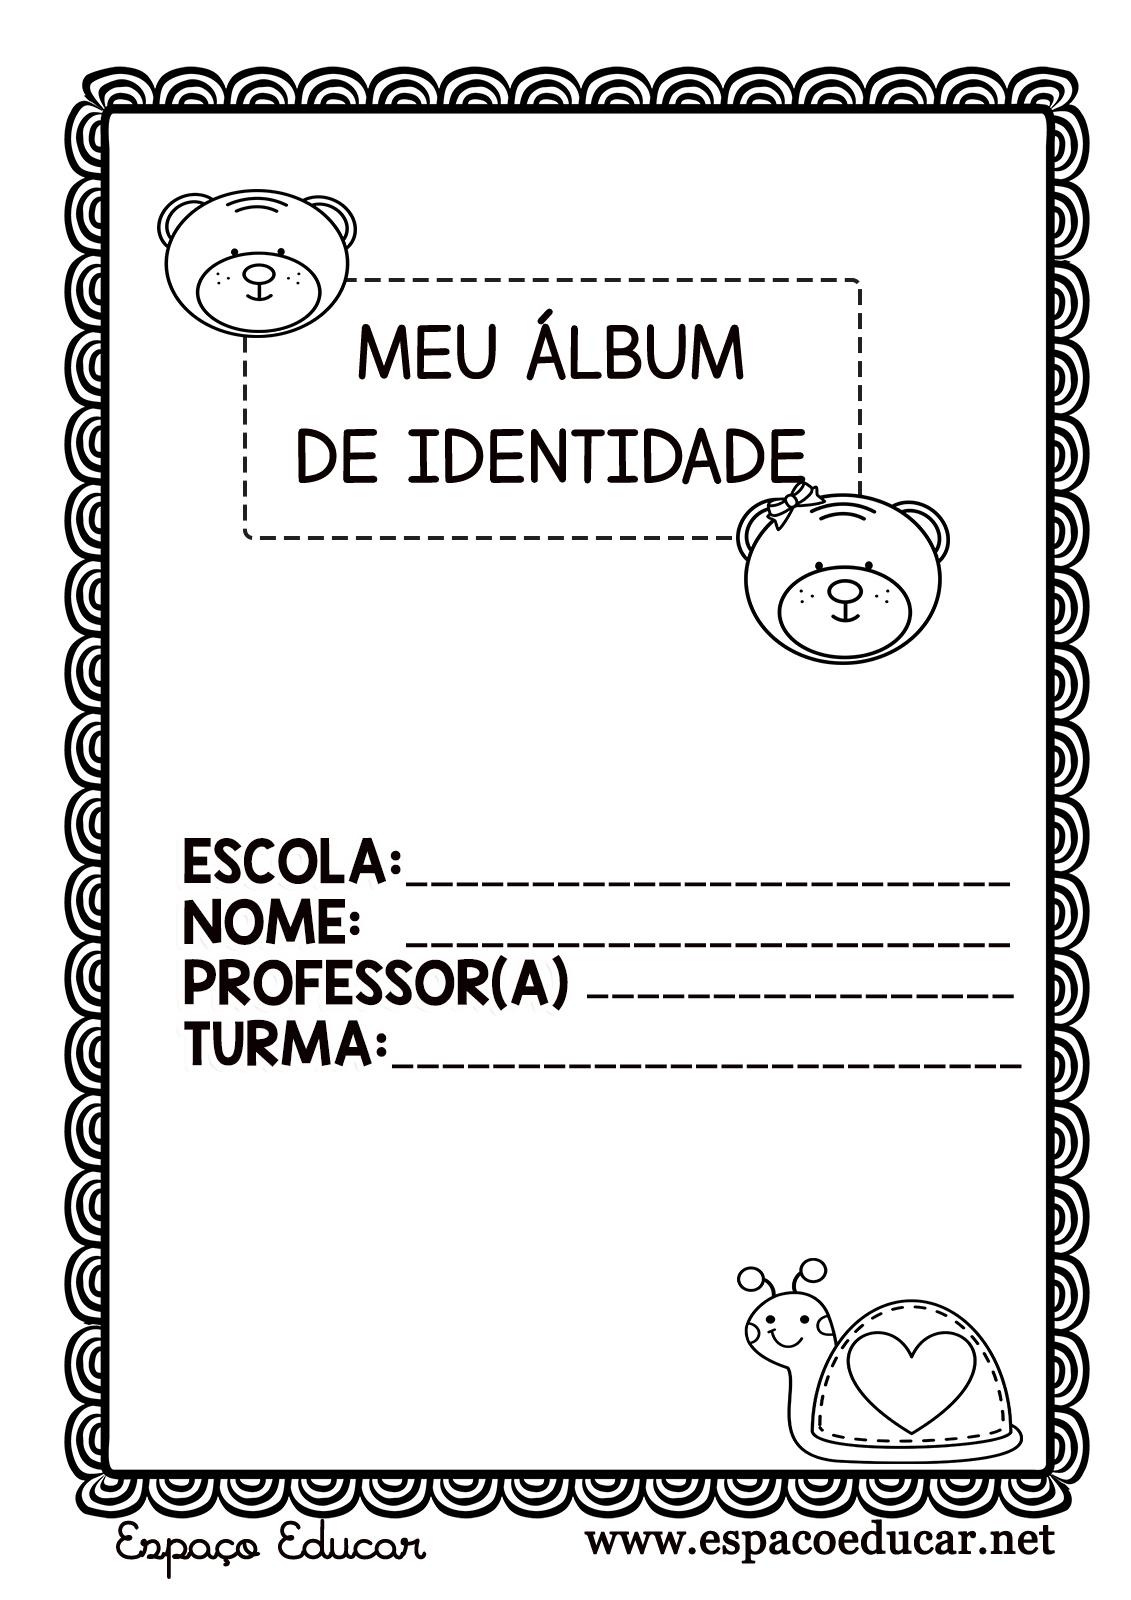 Projeto Identidade Meu Album De Identidade Para Educacao